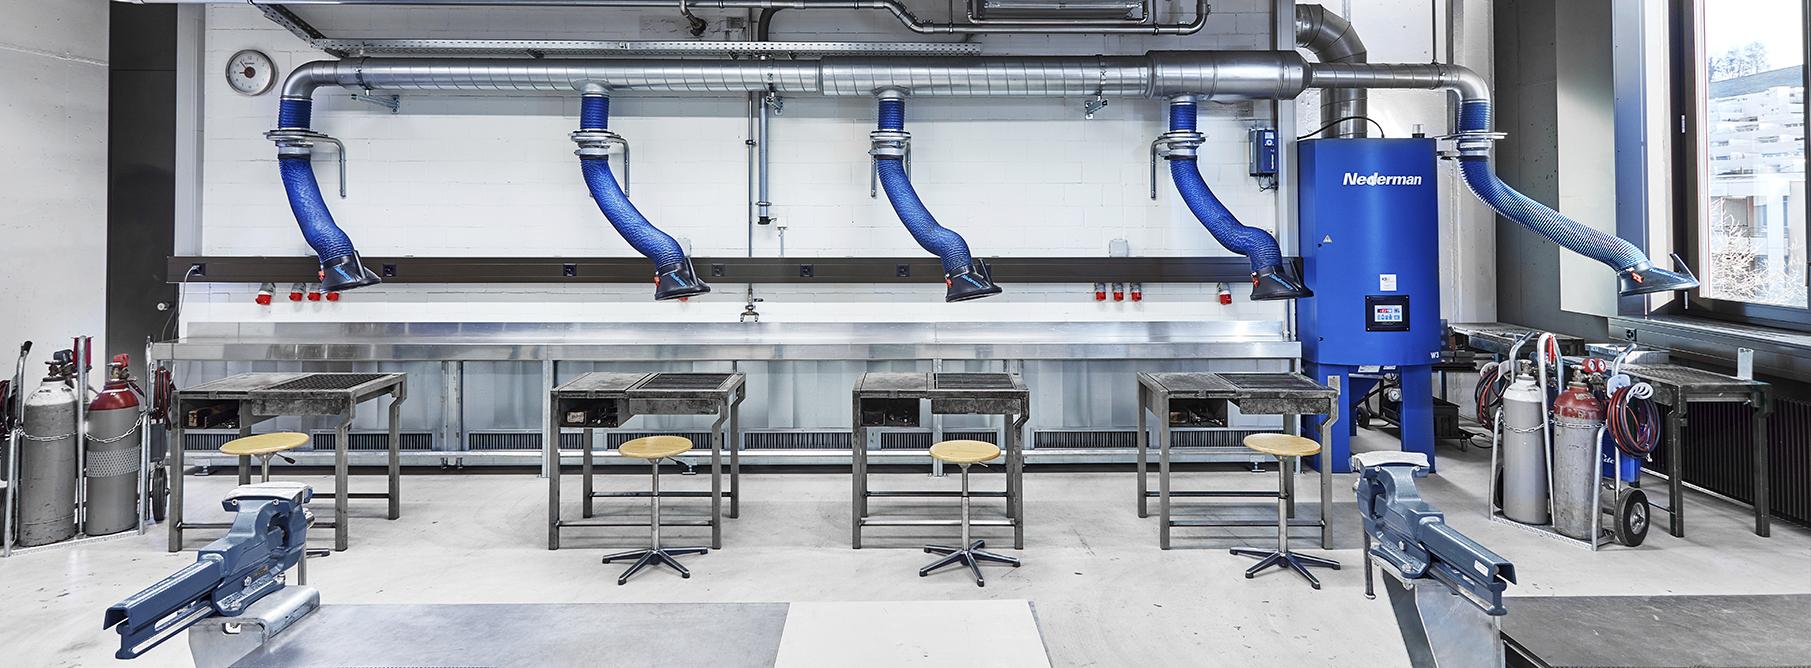 <h1>KSU Umwelttechnik AG</h1> <h2>Saubere Luft für klare Köpfe</h2>